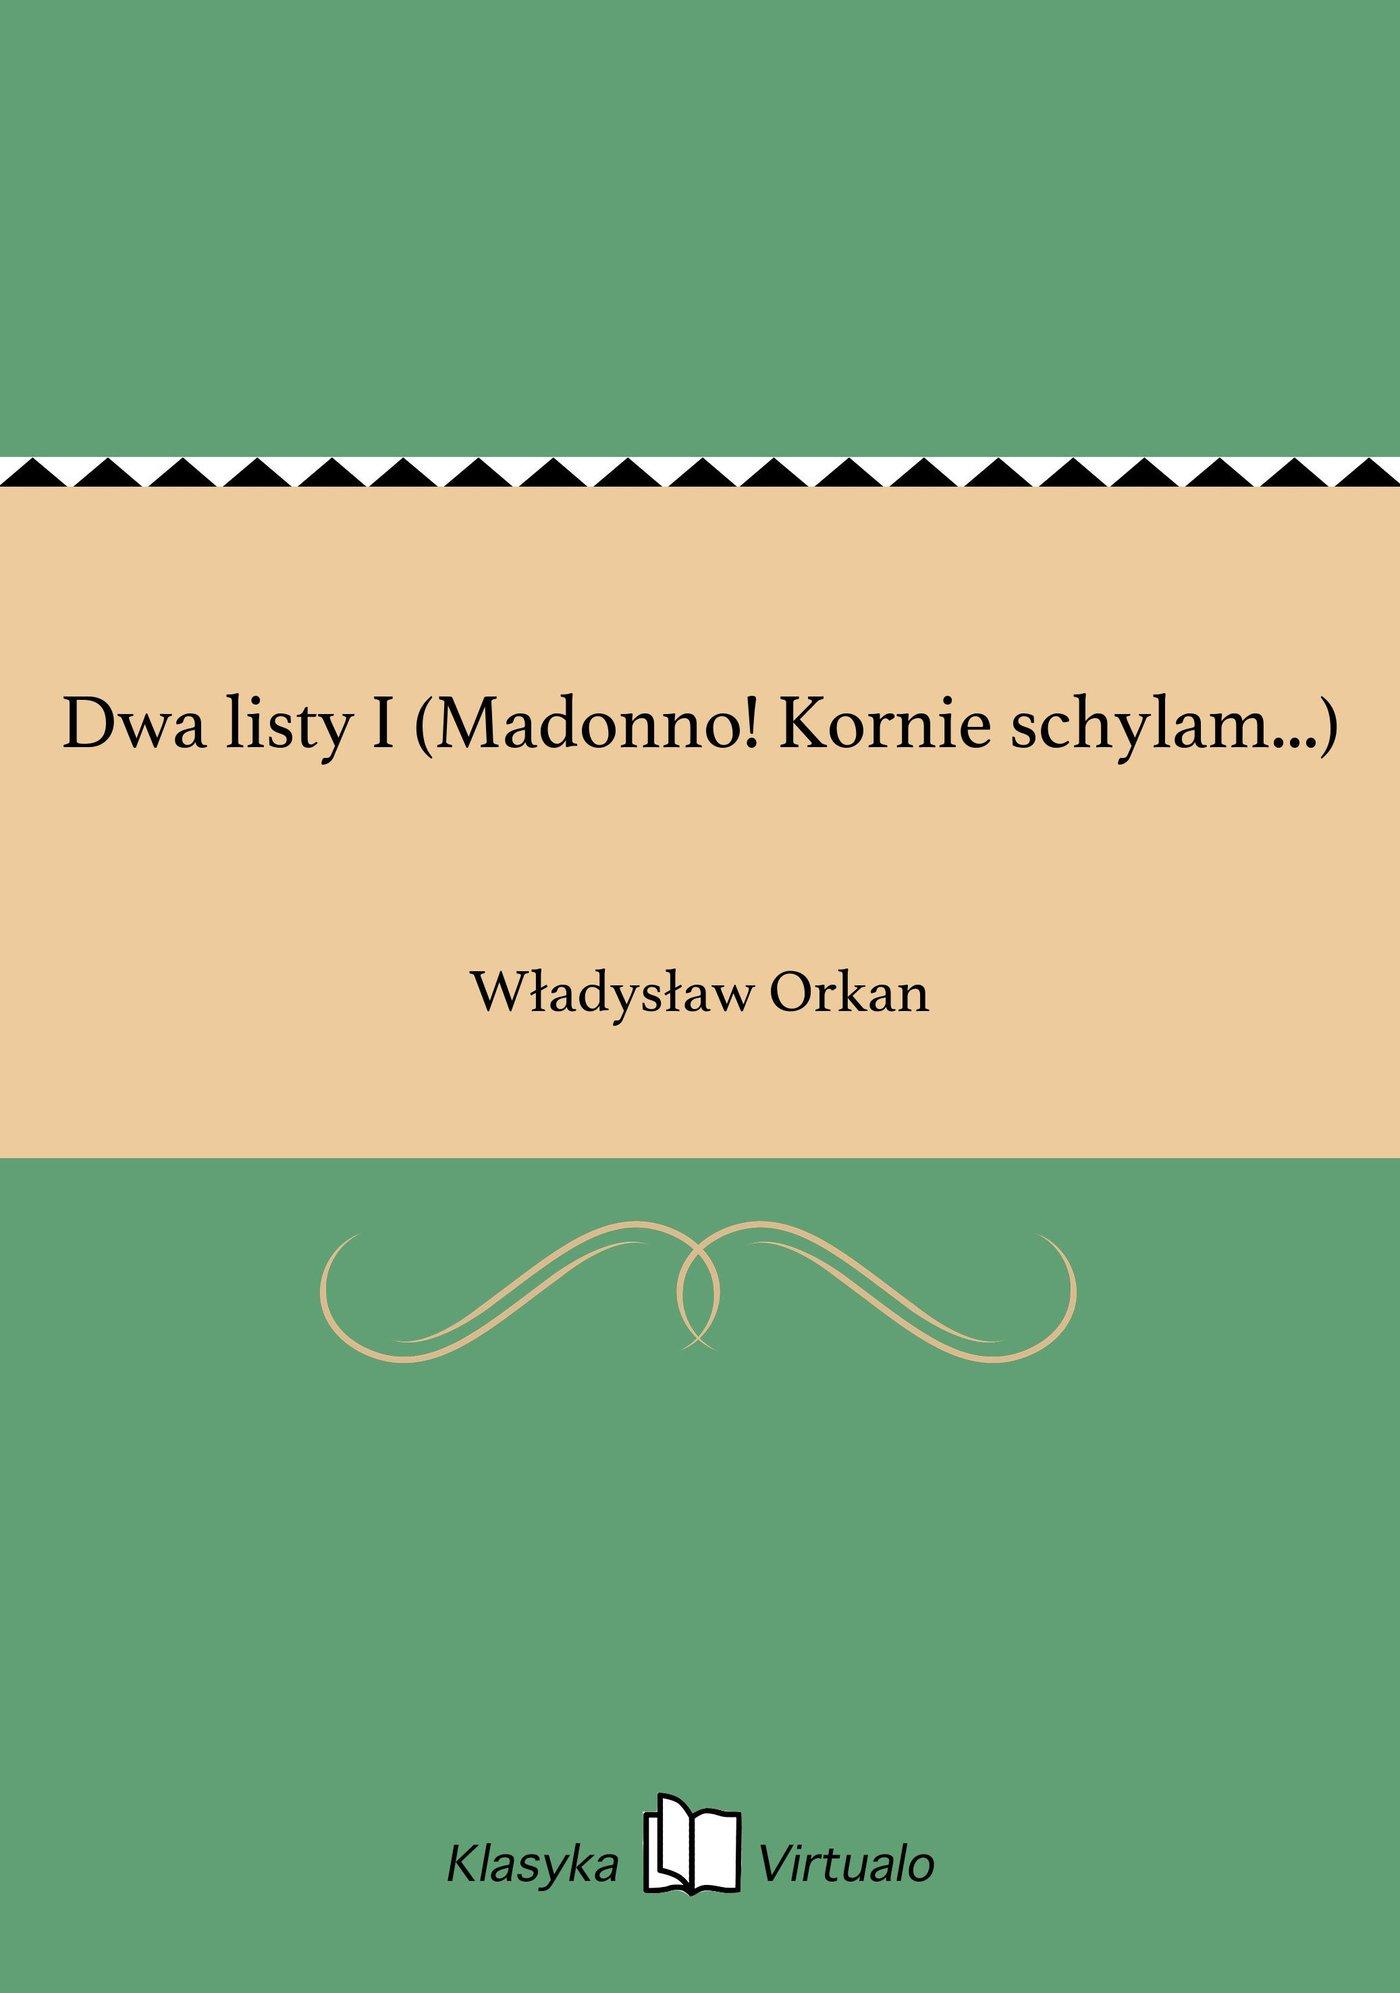 Dwa listy I (Madonno! Kornie schylam...) - Ebook (Książka EPUB) do pobrania w formacie EPUB